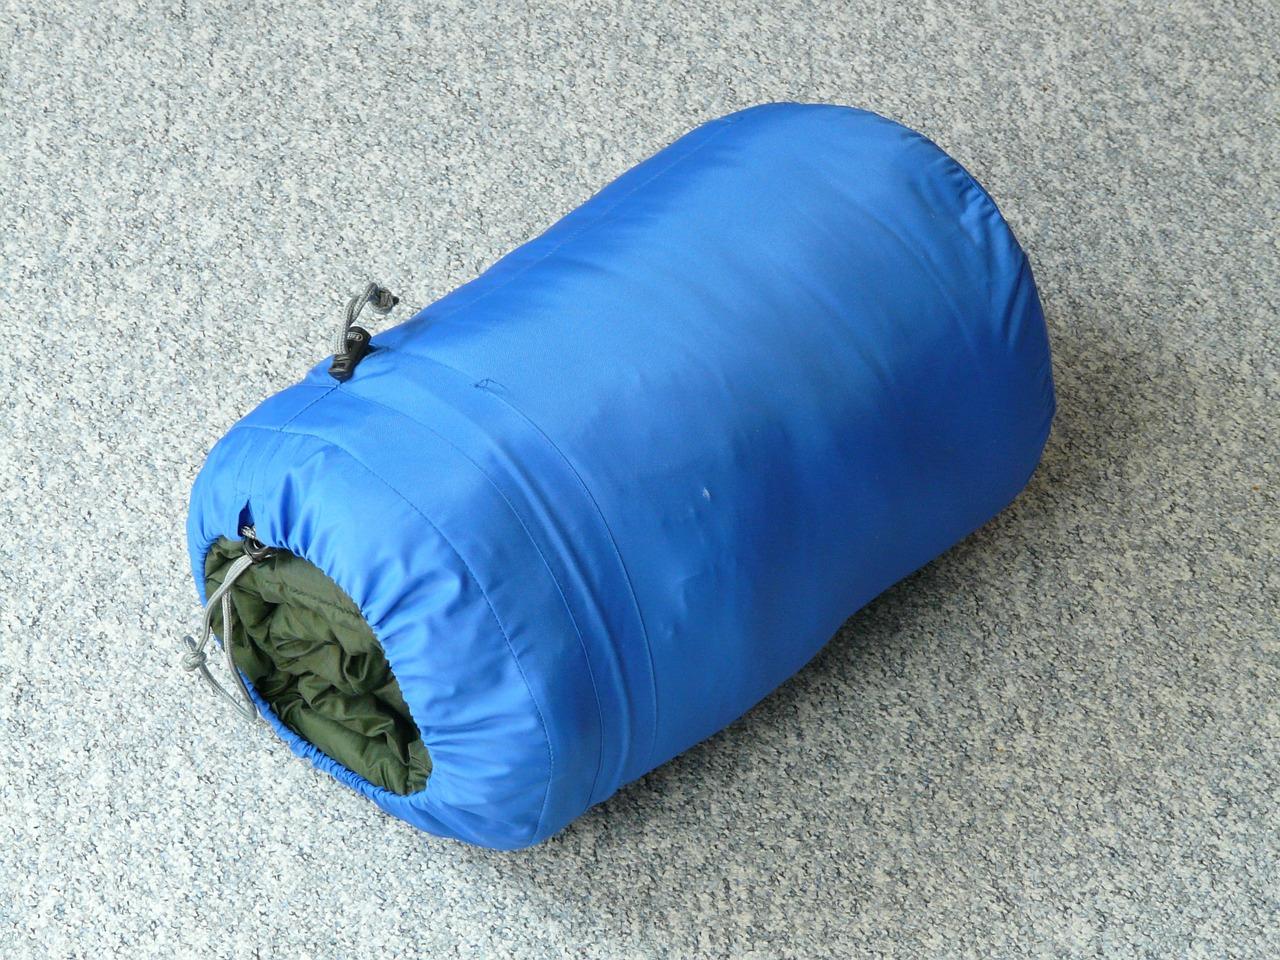 64c6a6d62 3 ting du skal vide, når du vælger en ny sovepose | Net Rullen